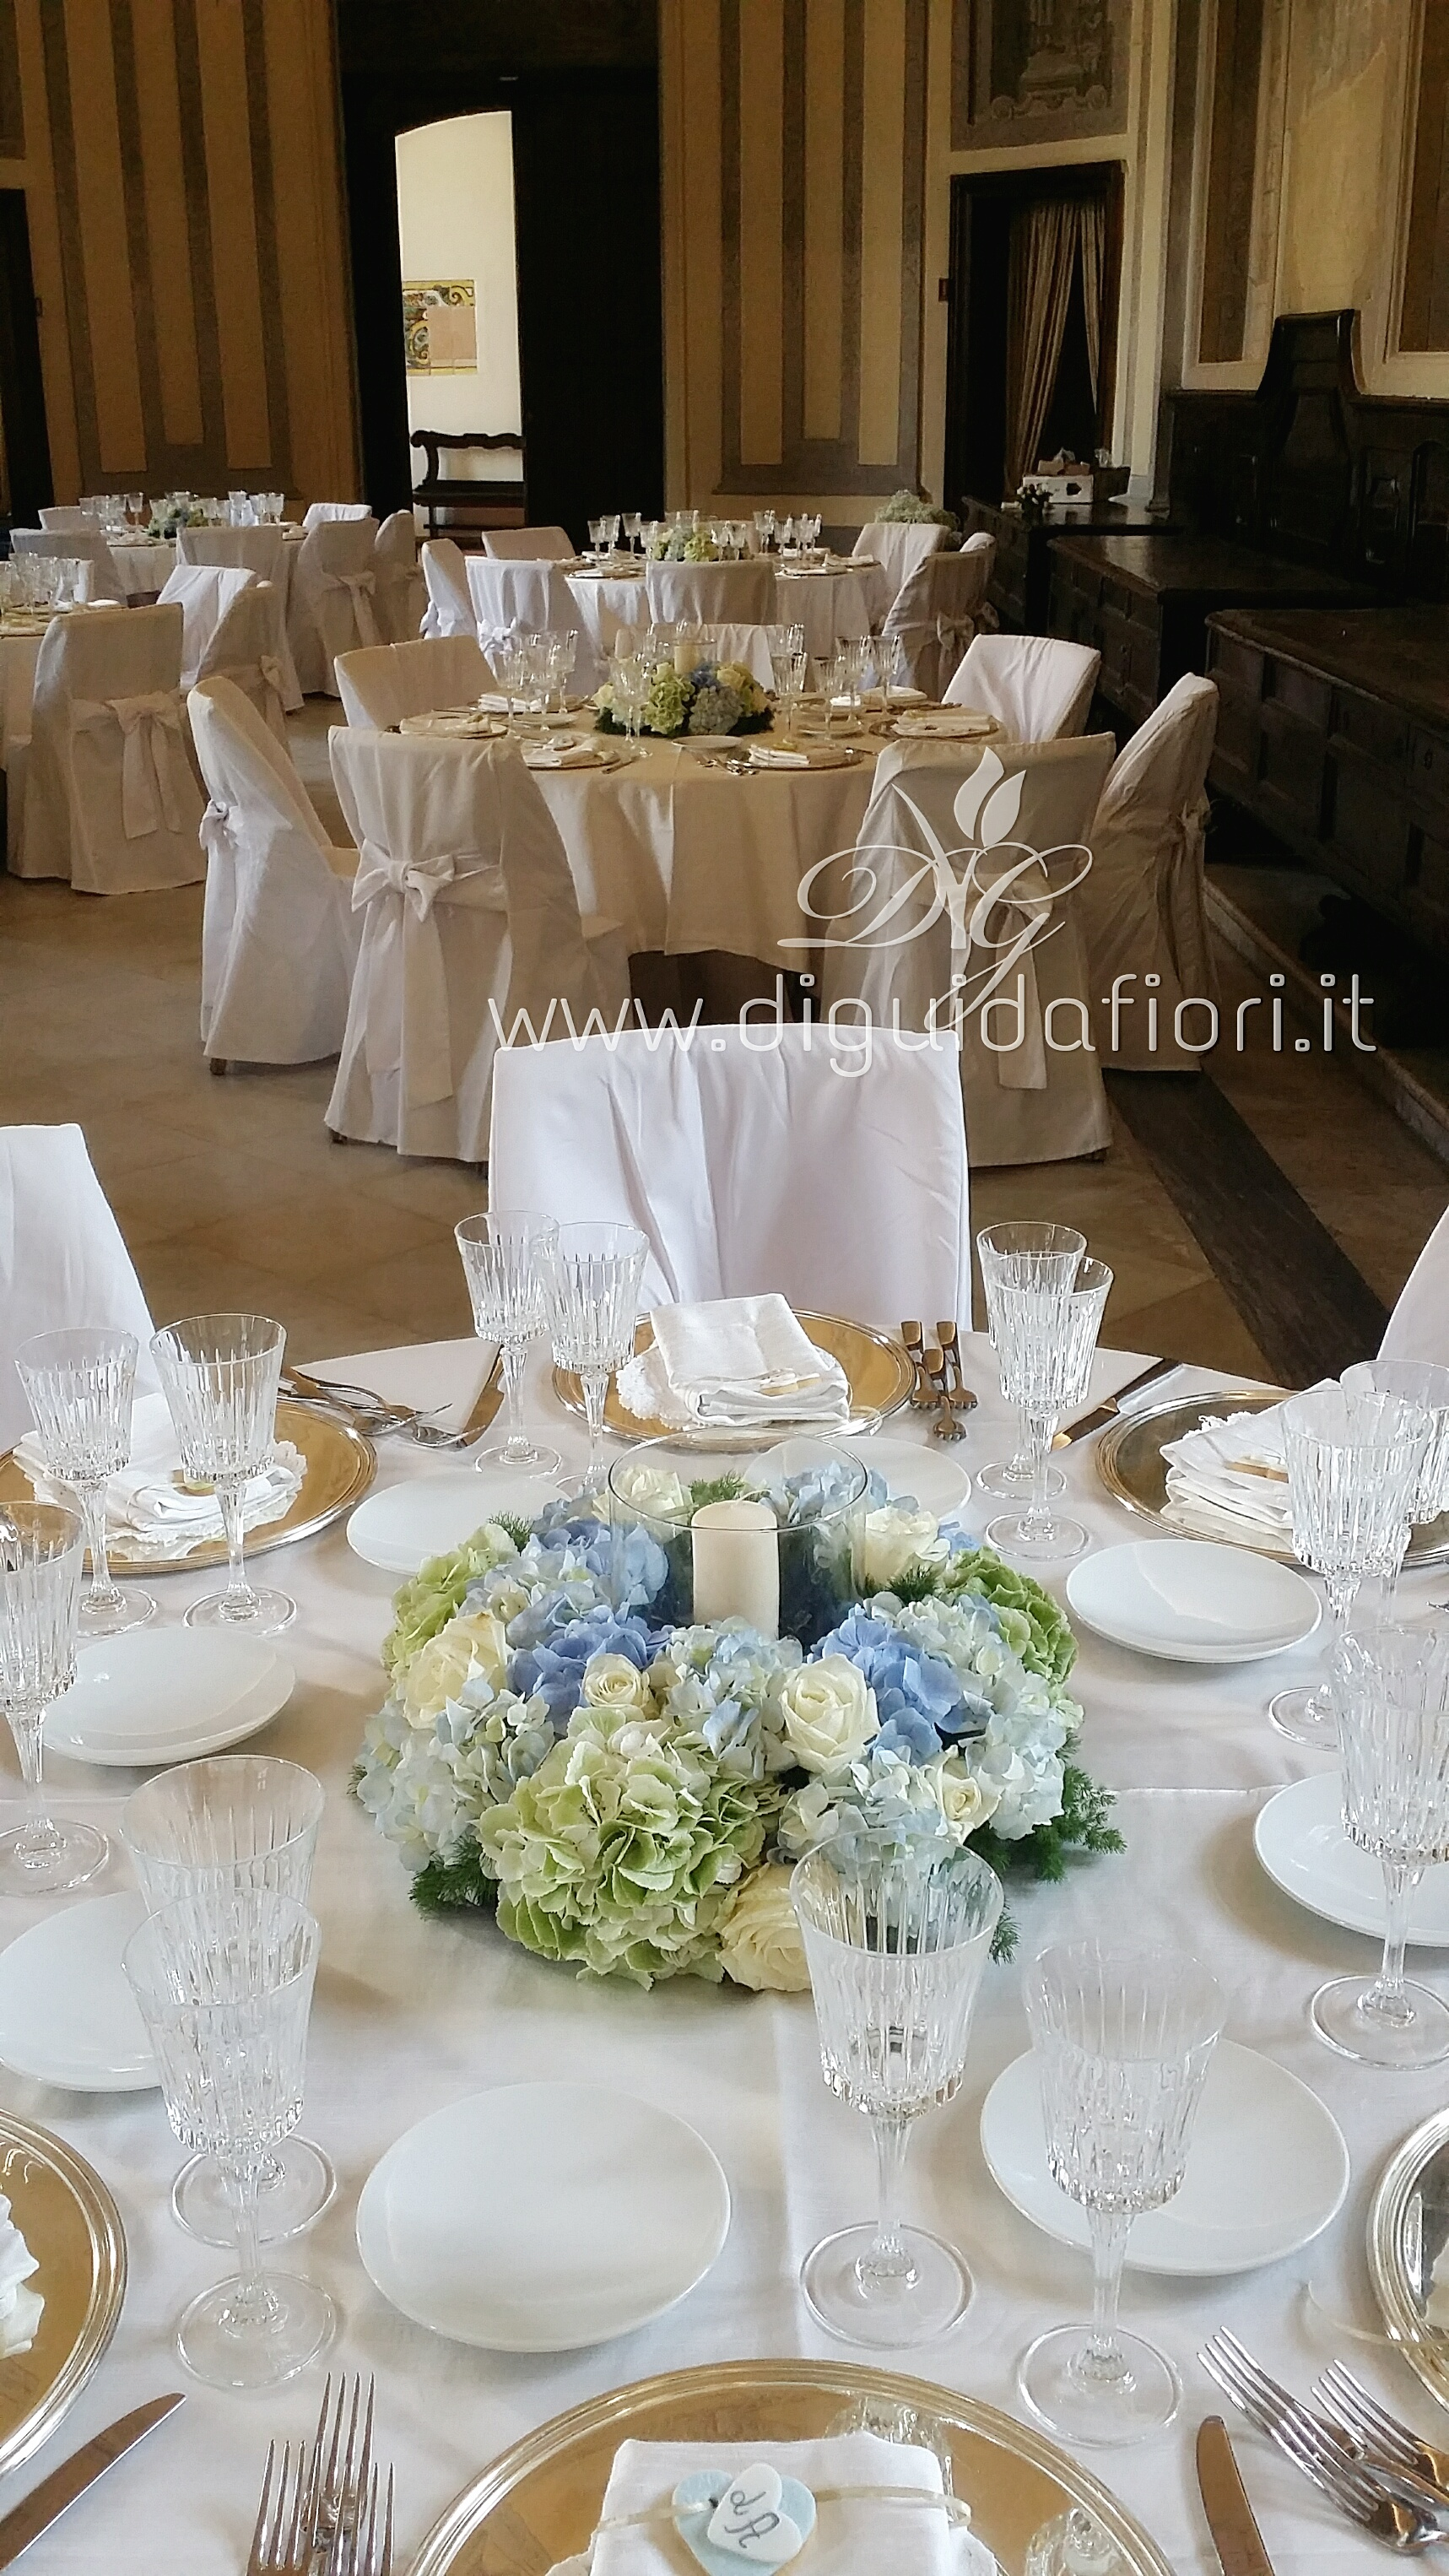 Centrotavola floreale per matrimonio – Chiostro di Santa Chiara Napoli